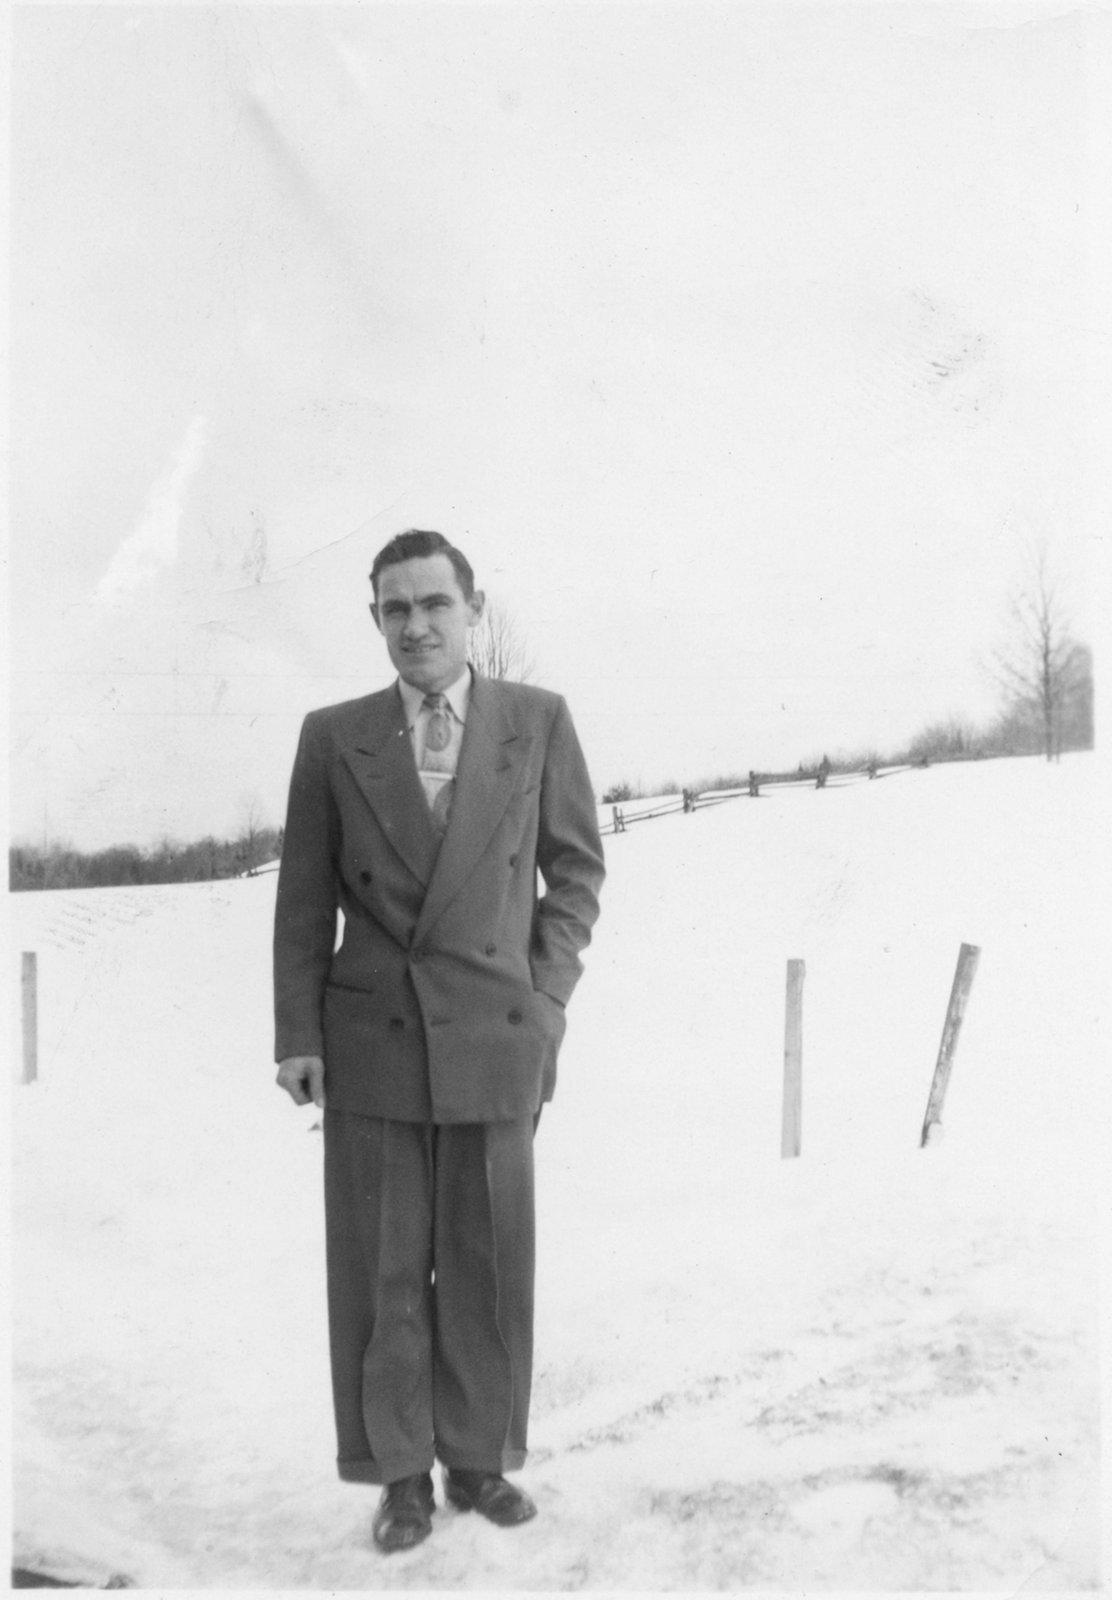 Donald Kranz standing outdoors